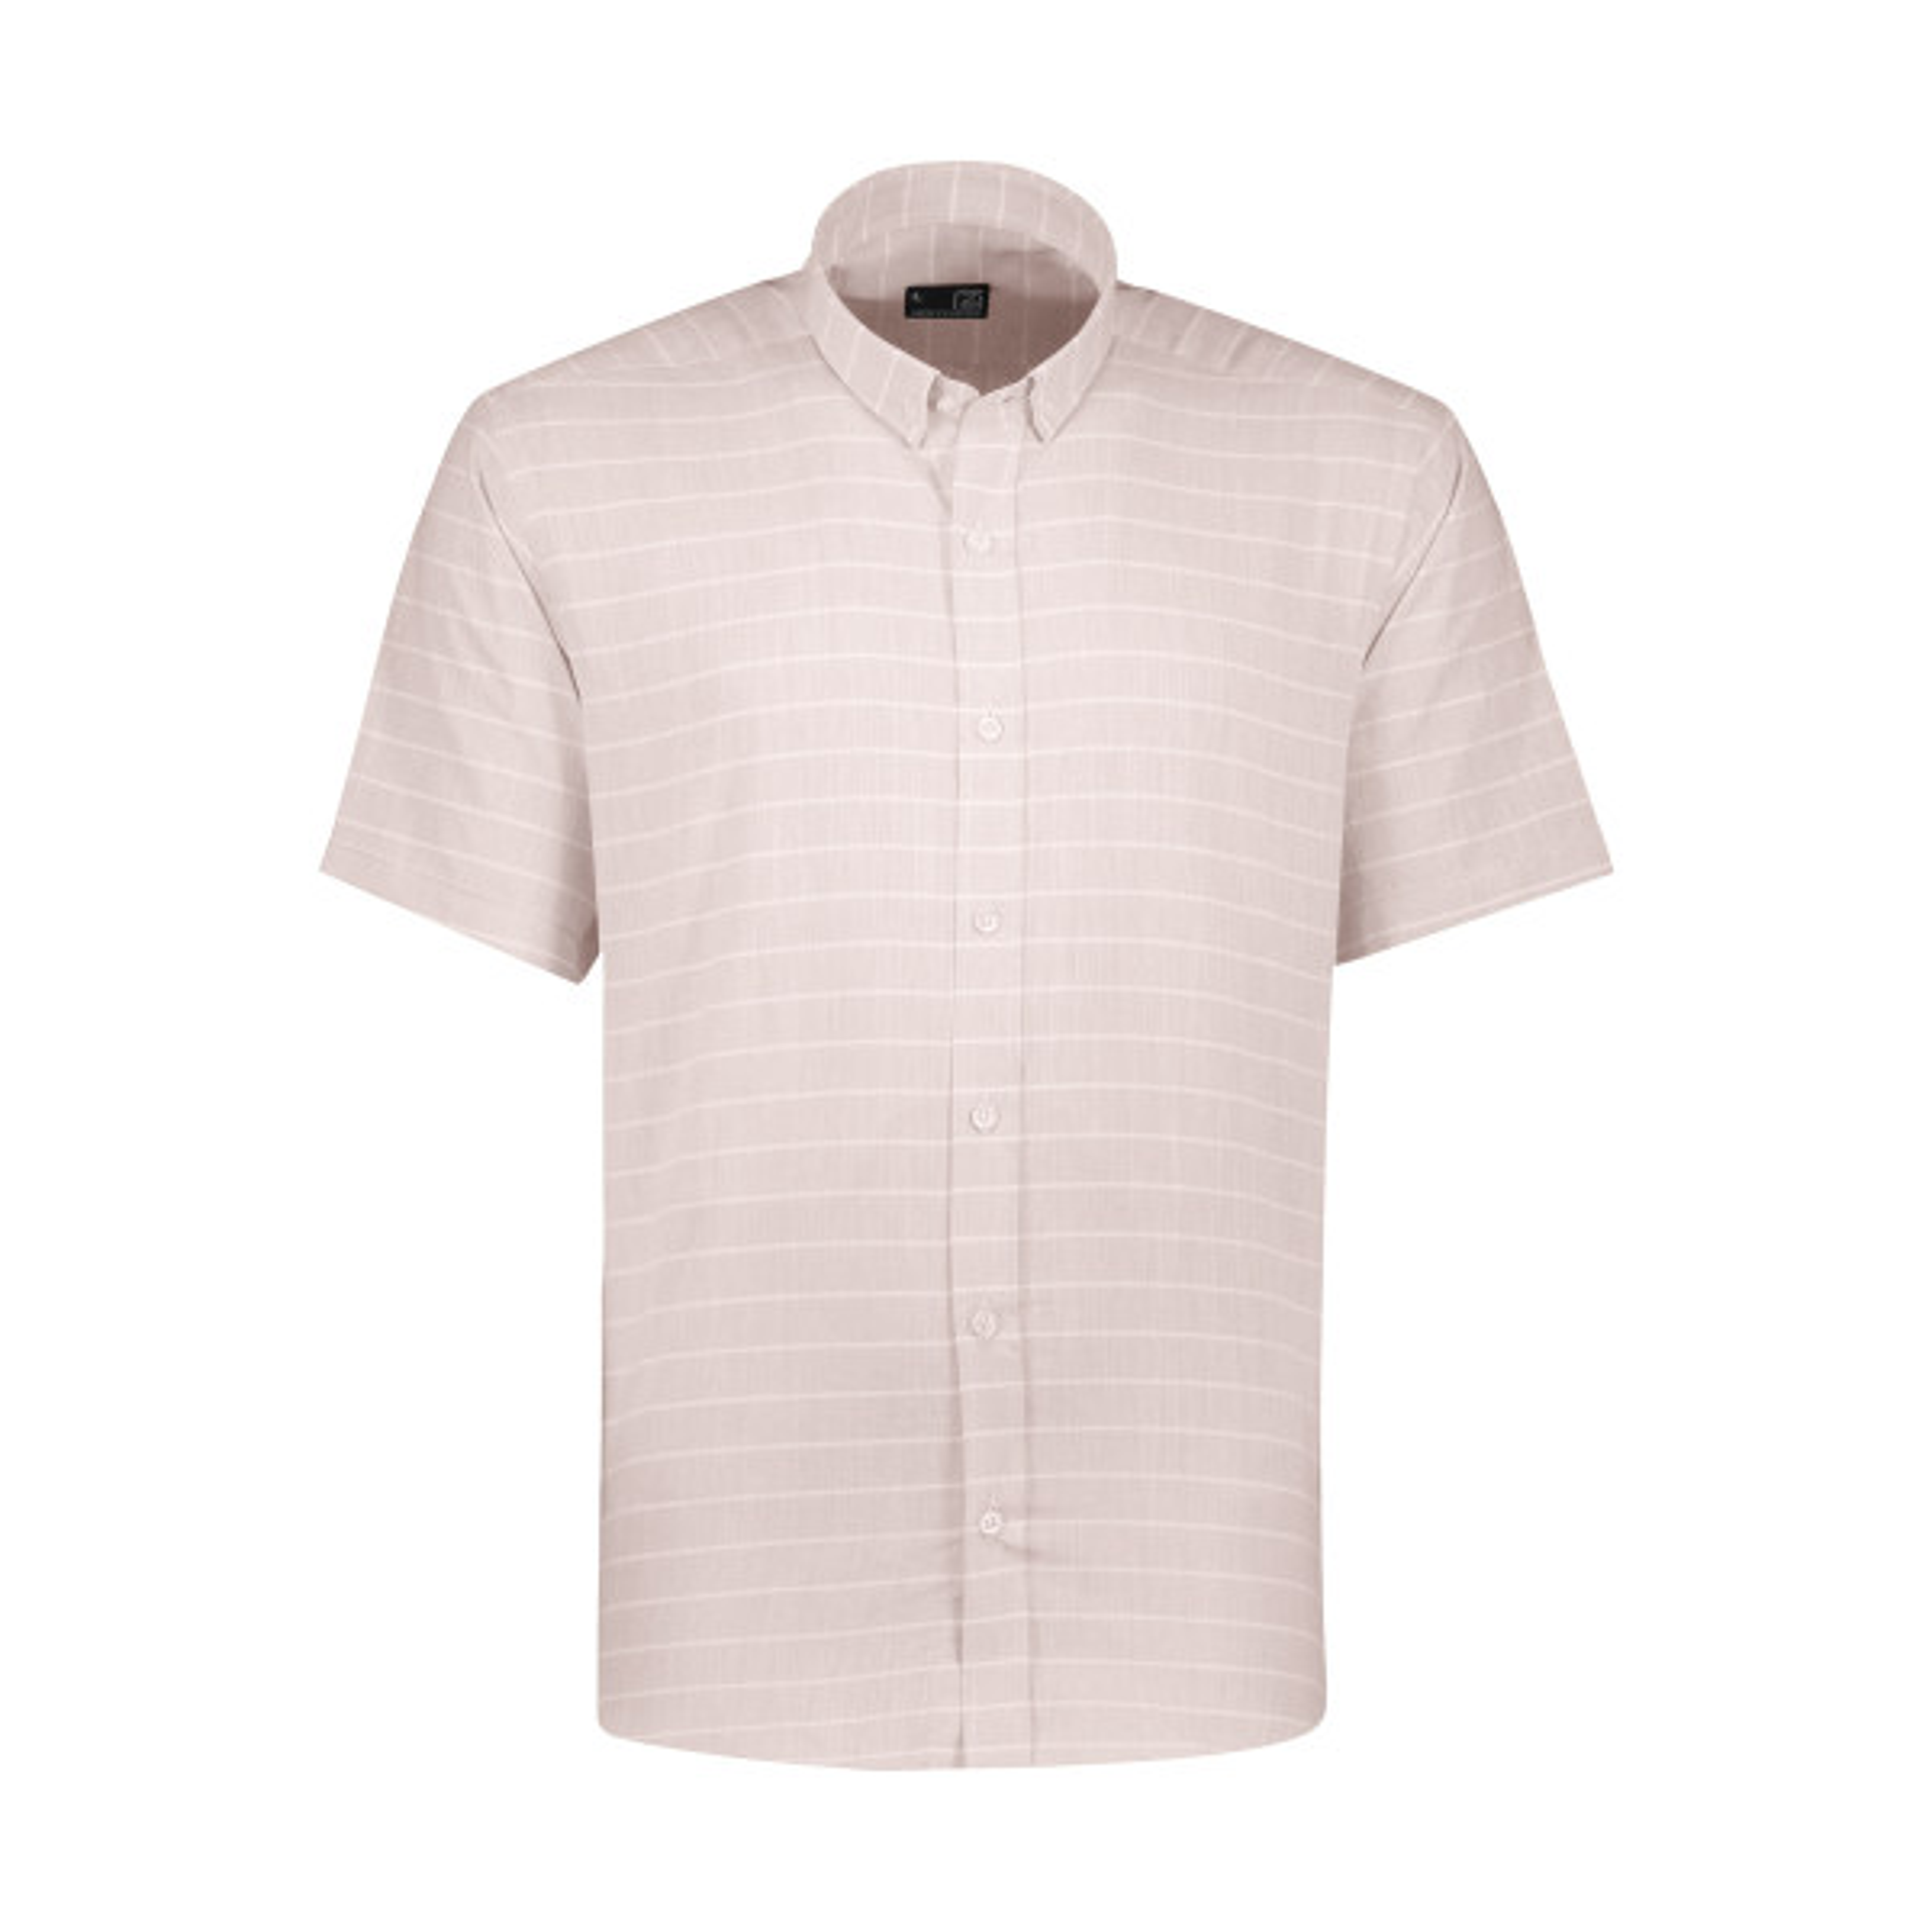 پیراهن مردانه زی مدل 15314920184